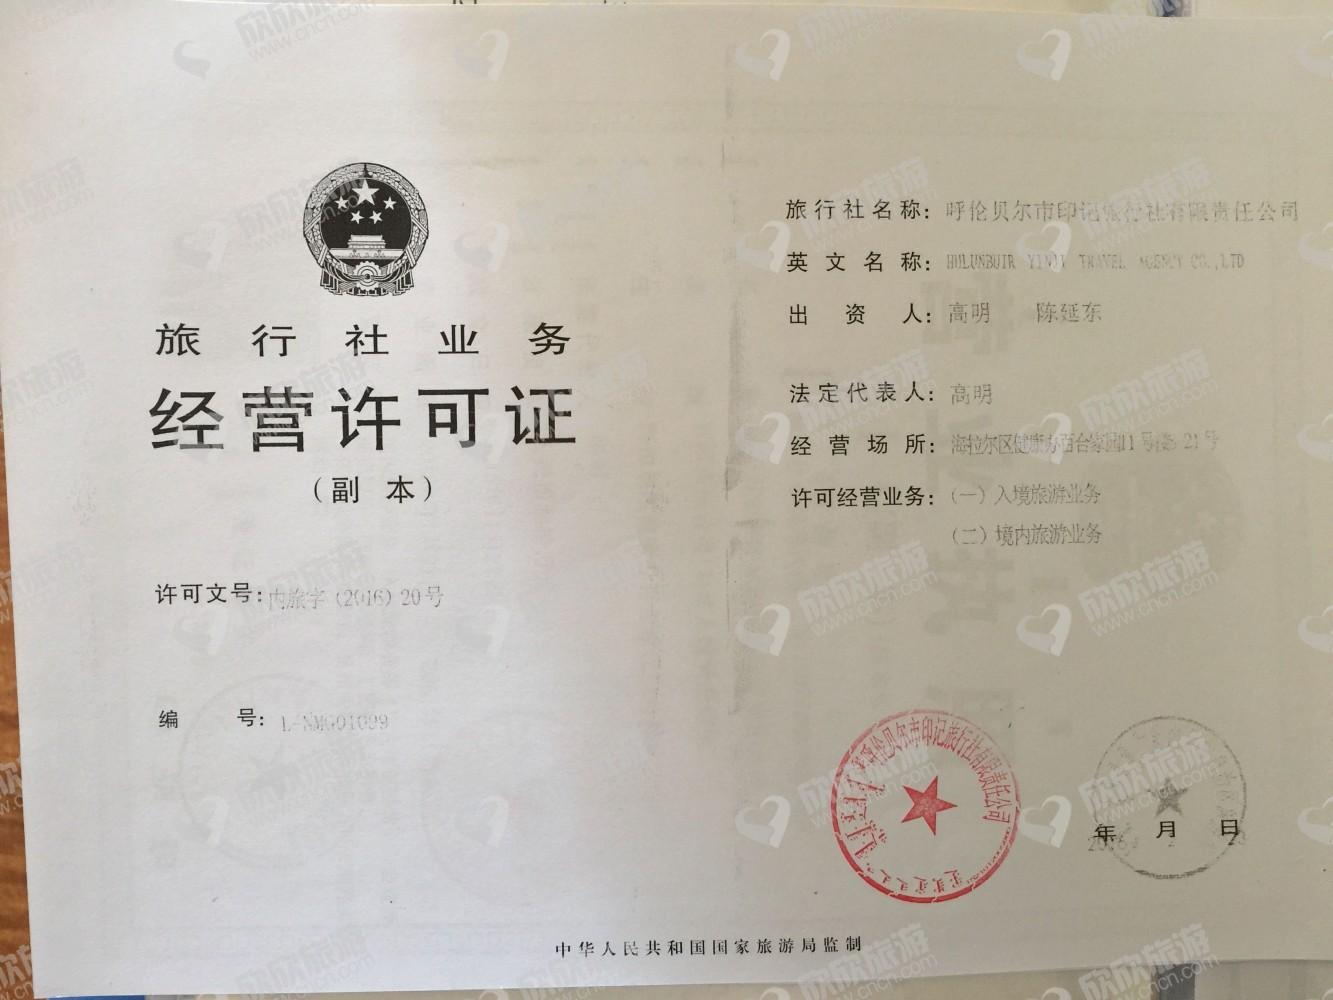 呼伦贝尔市印记旅行社有限责任公司经营许可证